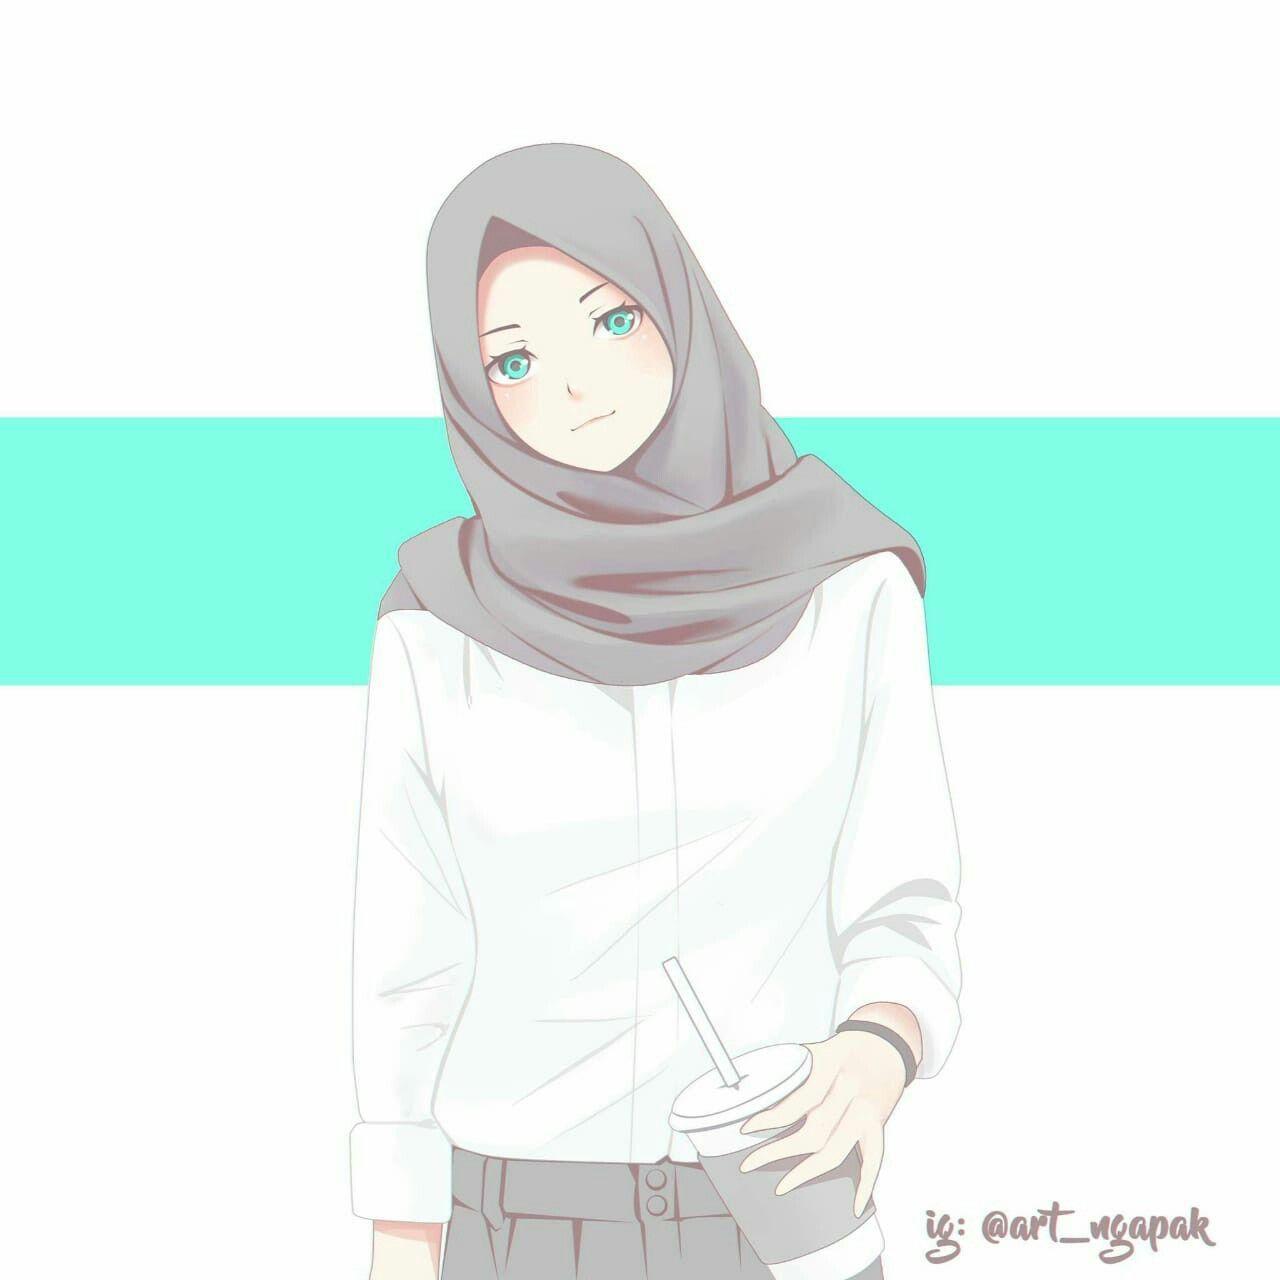 Gambar Kartun Muslimah Kartun Ilustrasi Karakter Gambar Karakter